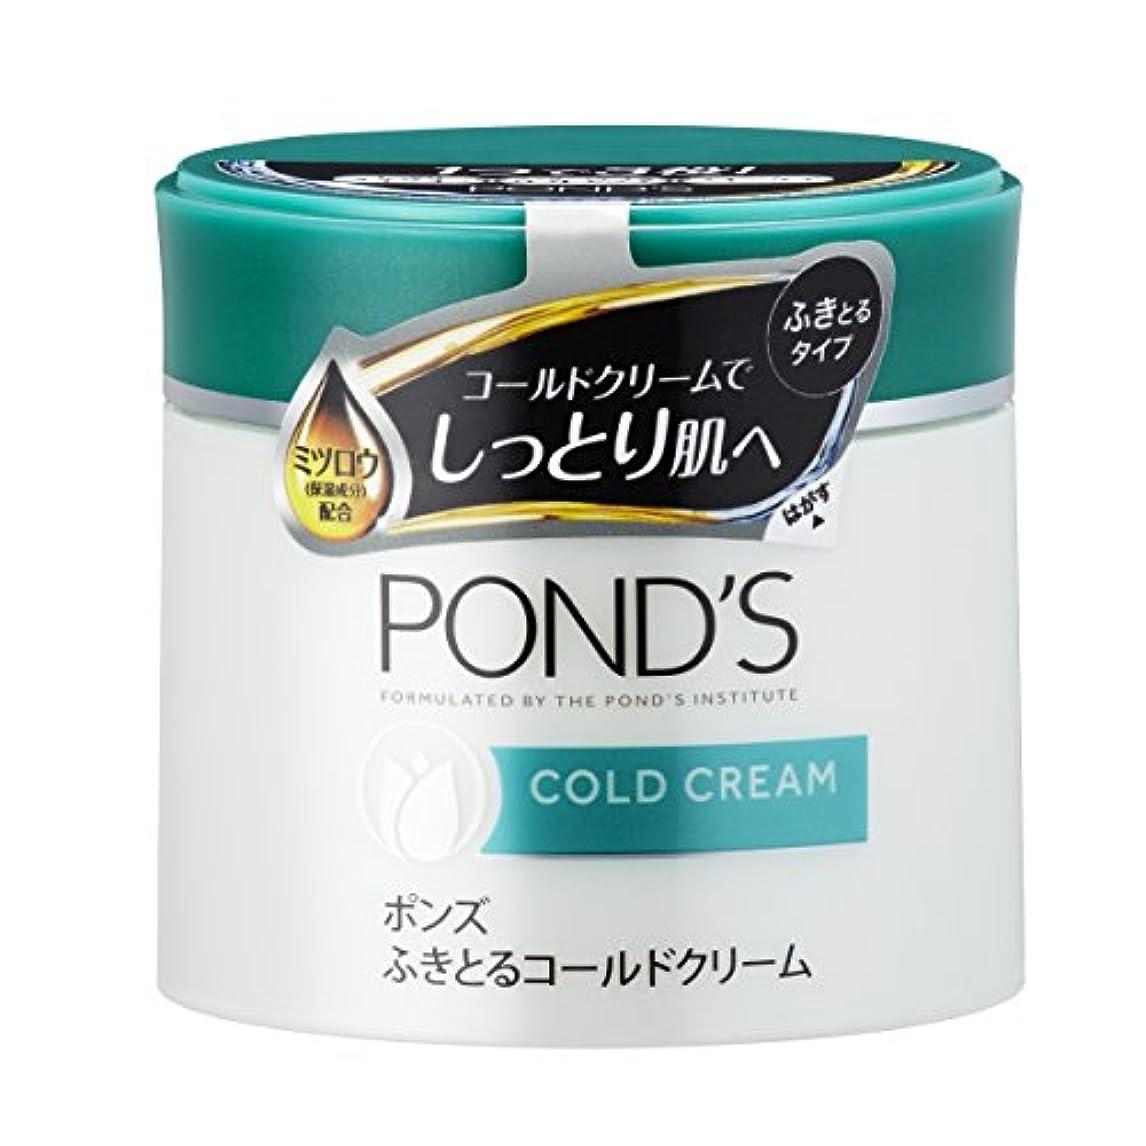 活気づく存在する唯物論ポンズ コールドクリーム 270g